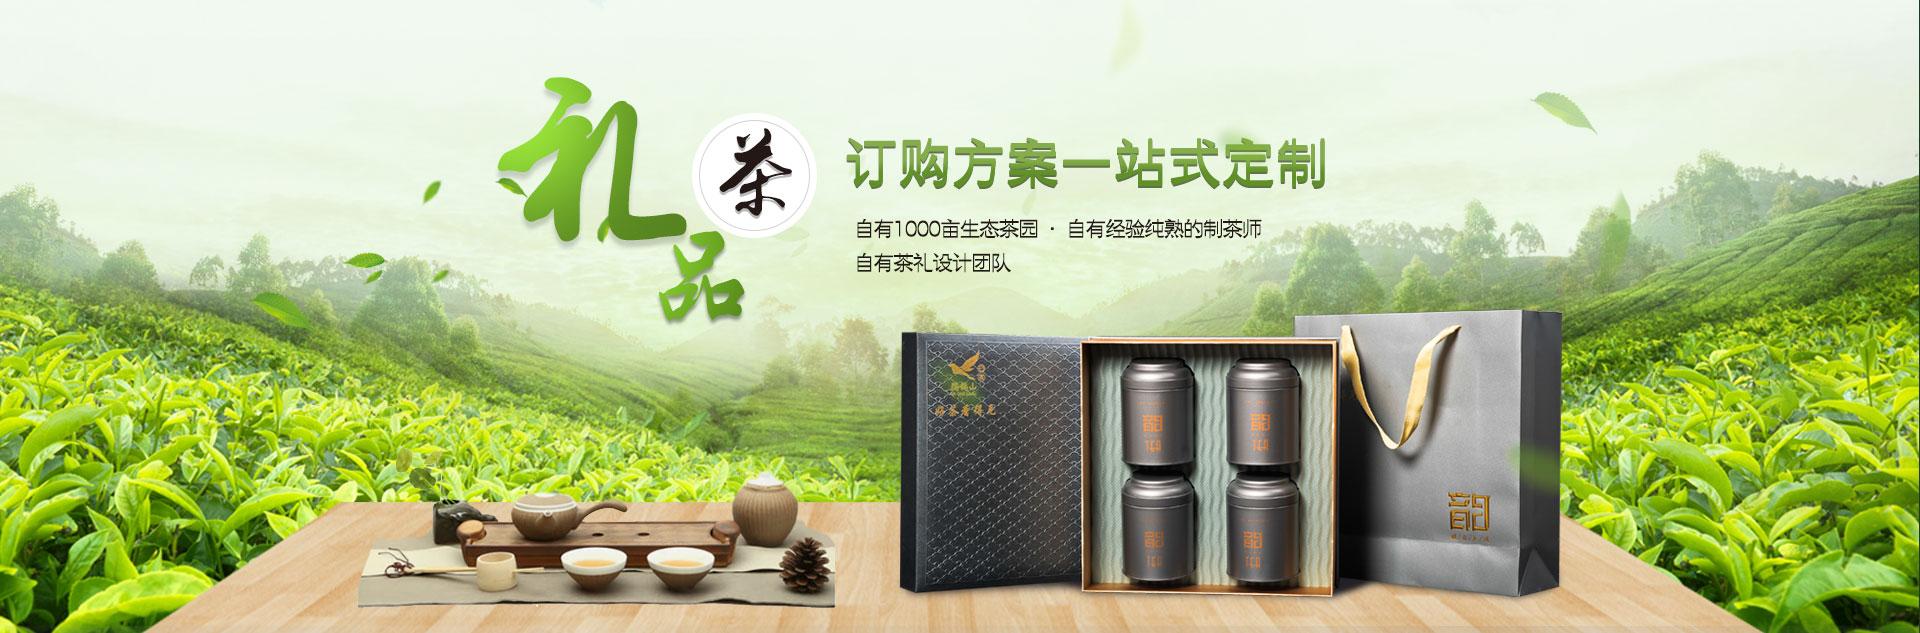 礼品茶订购 方案一站式定制 · 自有1000亩生态茶园 · 自有经验纯熟的制茶师 · 自有茶礼设计团队